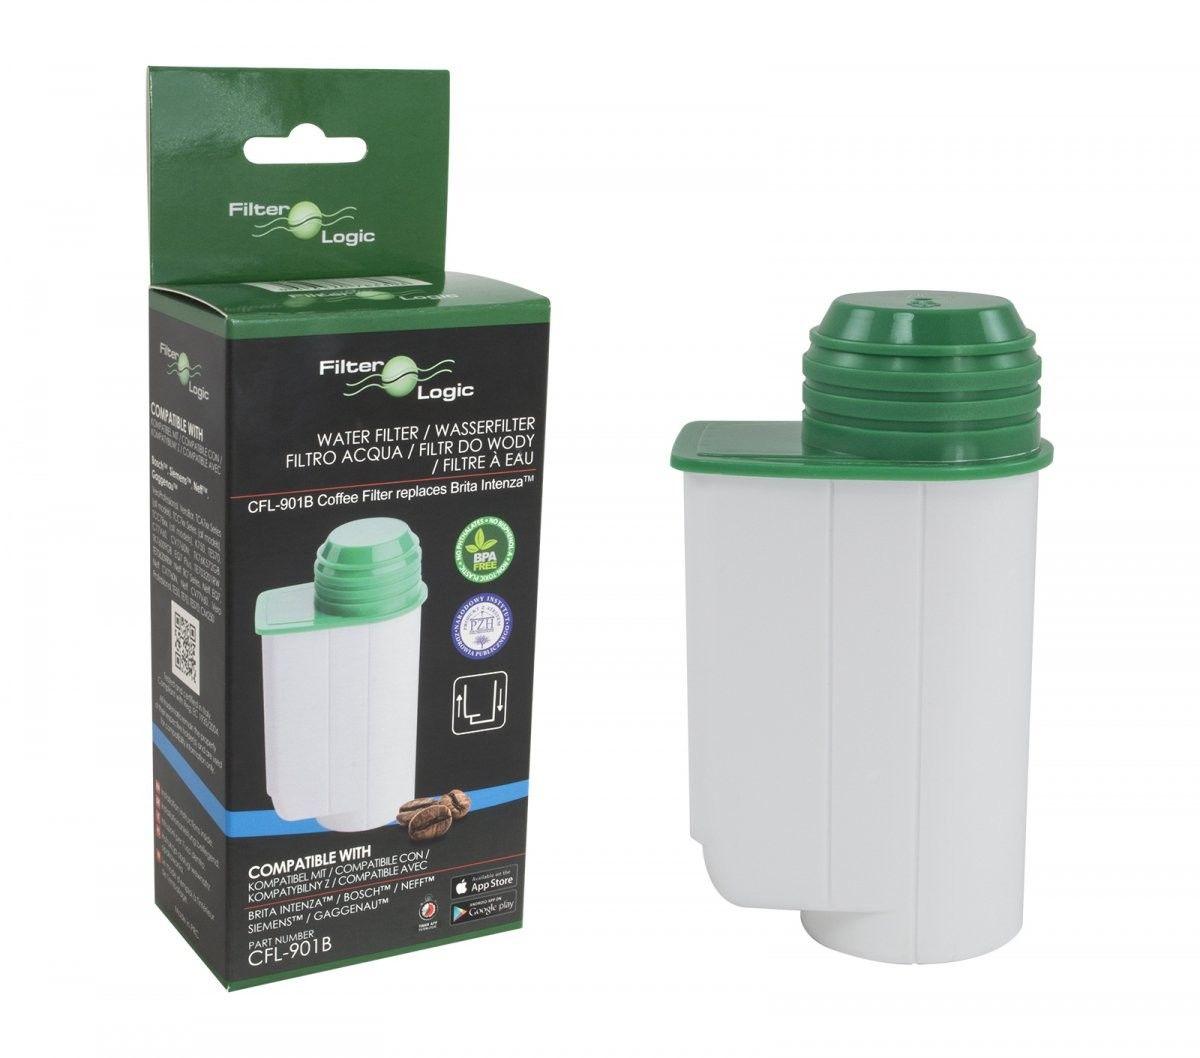 Filtr wody Brita Intenza+ CA6702 ekspresu do kawy, ekspresu kapsułkowego, ekspresu kolbowego 3szt FilterLogic